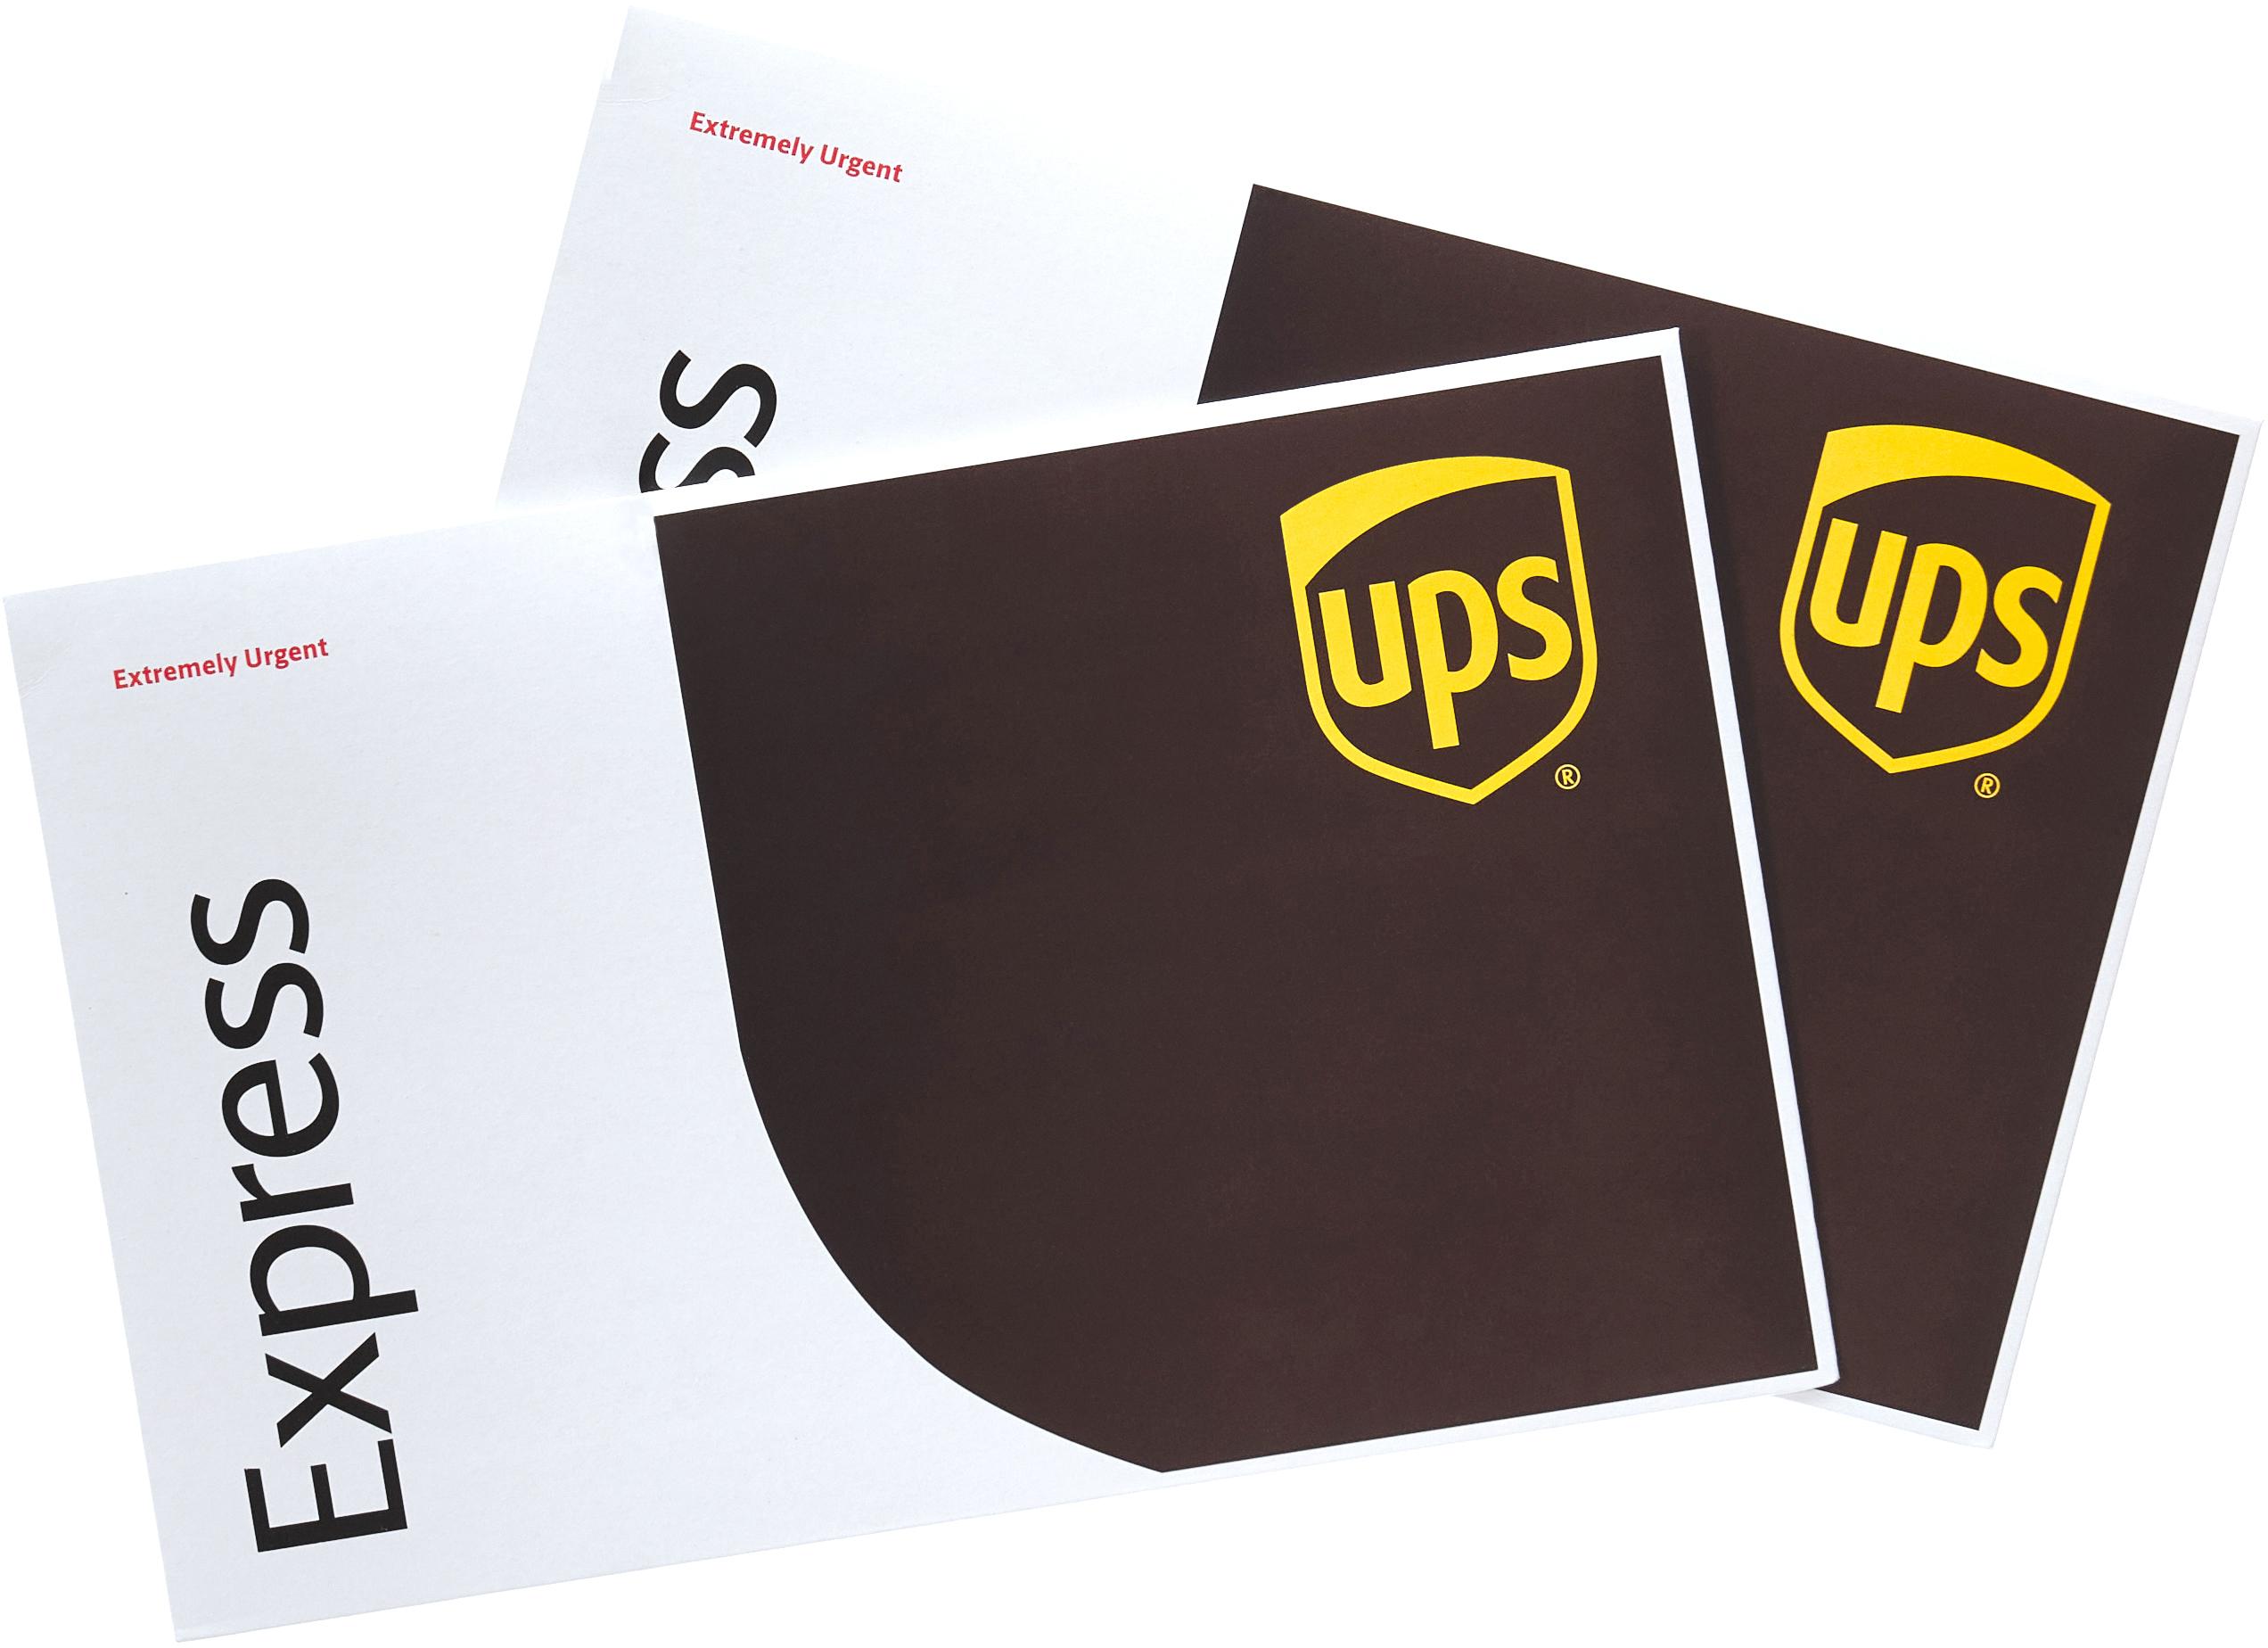 UPS Express Extremely Urgent envelopes